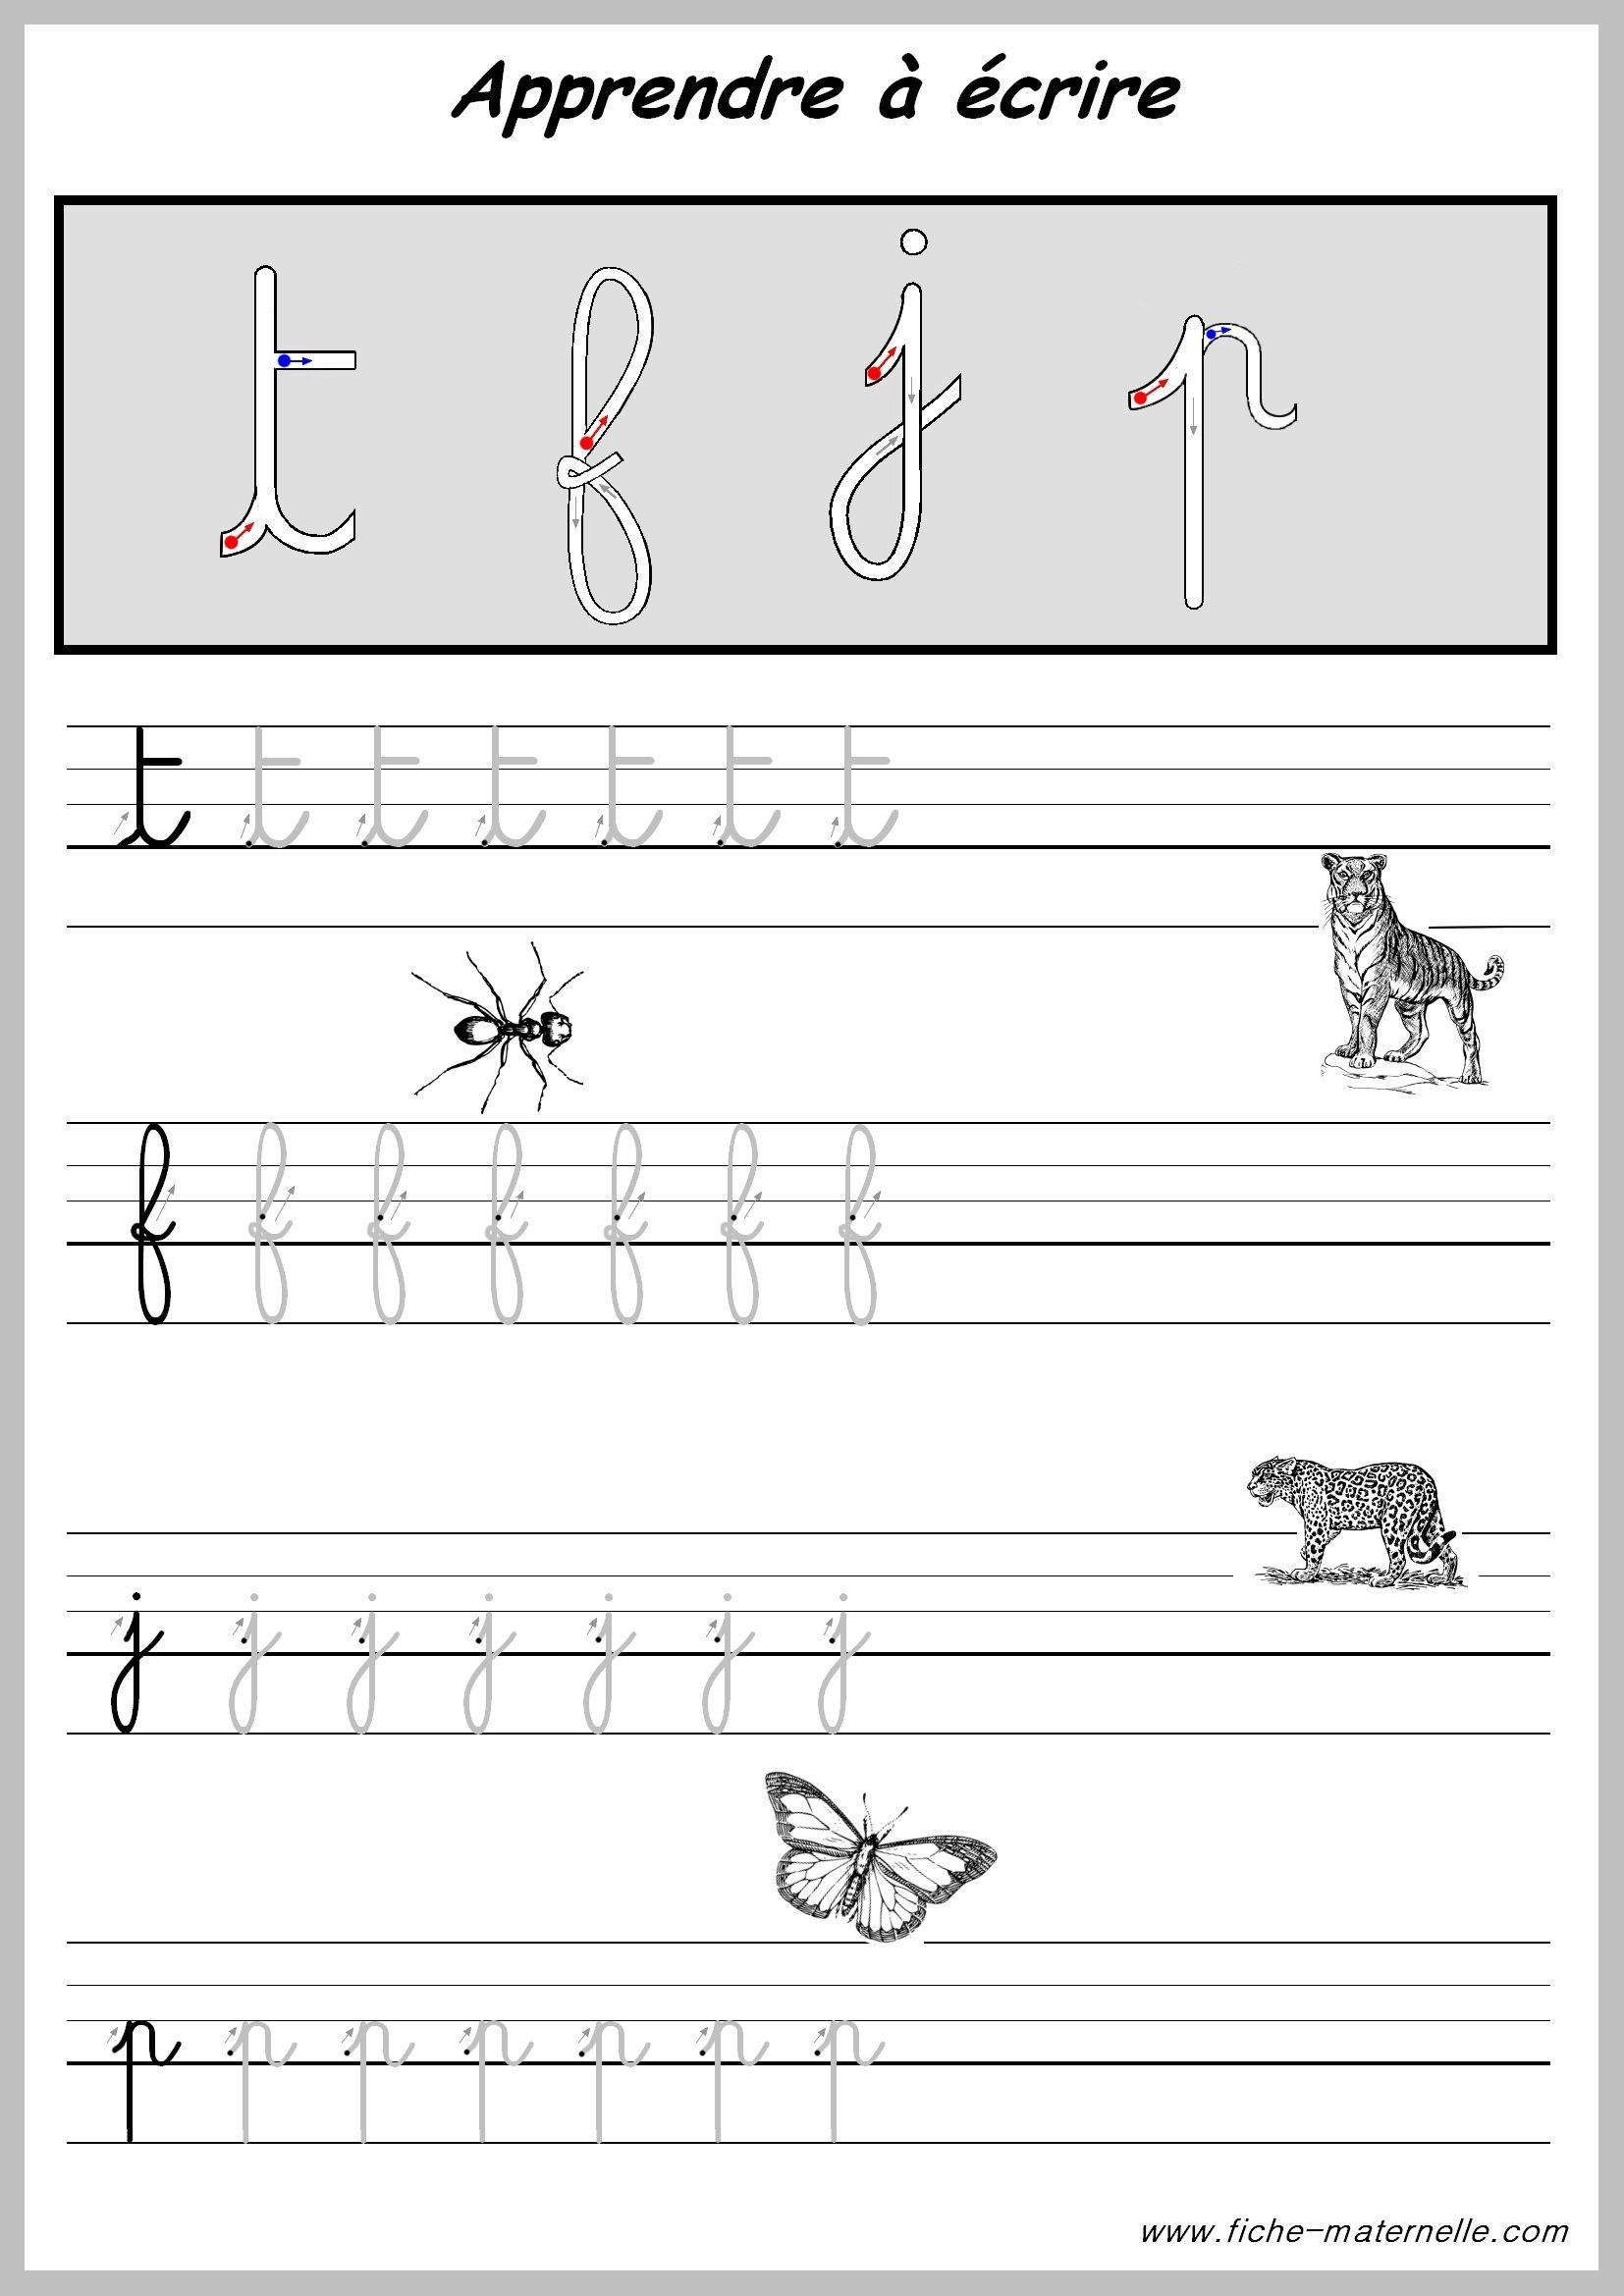 Exercices Pour Apprendre A Ecrire Les Lettres. | Écrire En concernant Exercice Pour Apprendre L Alphabet En Maternelle